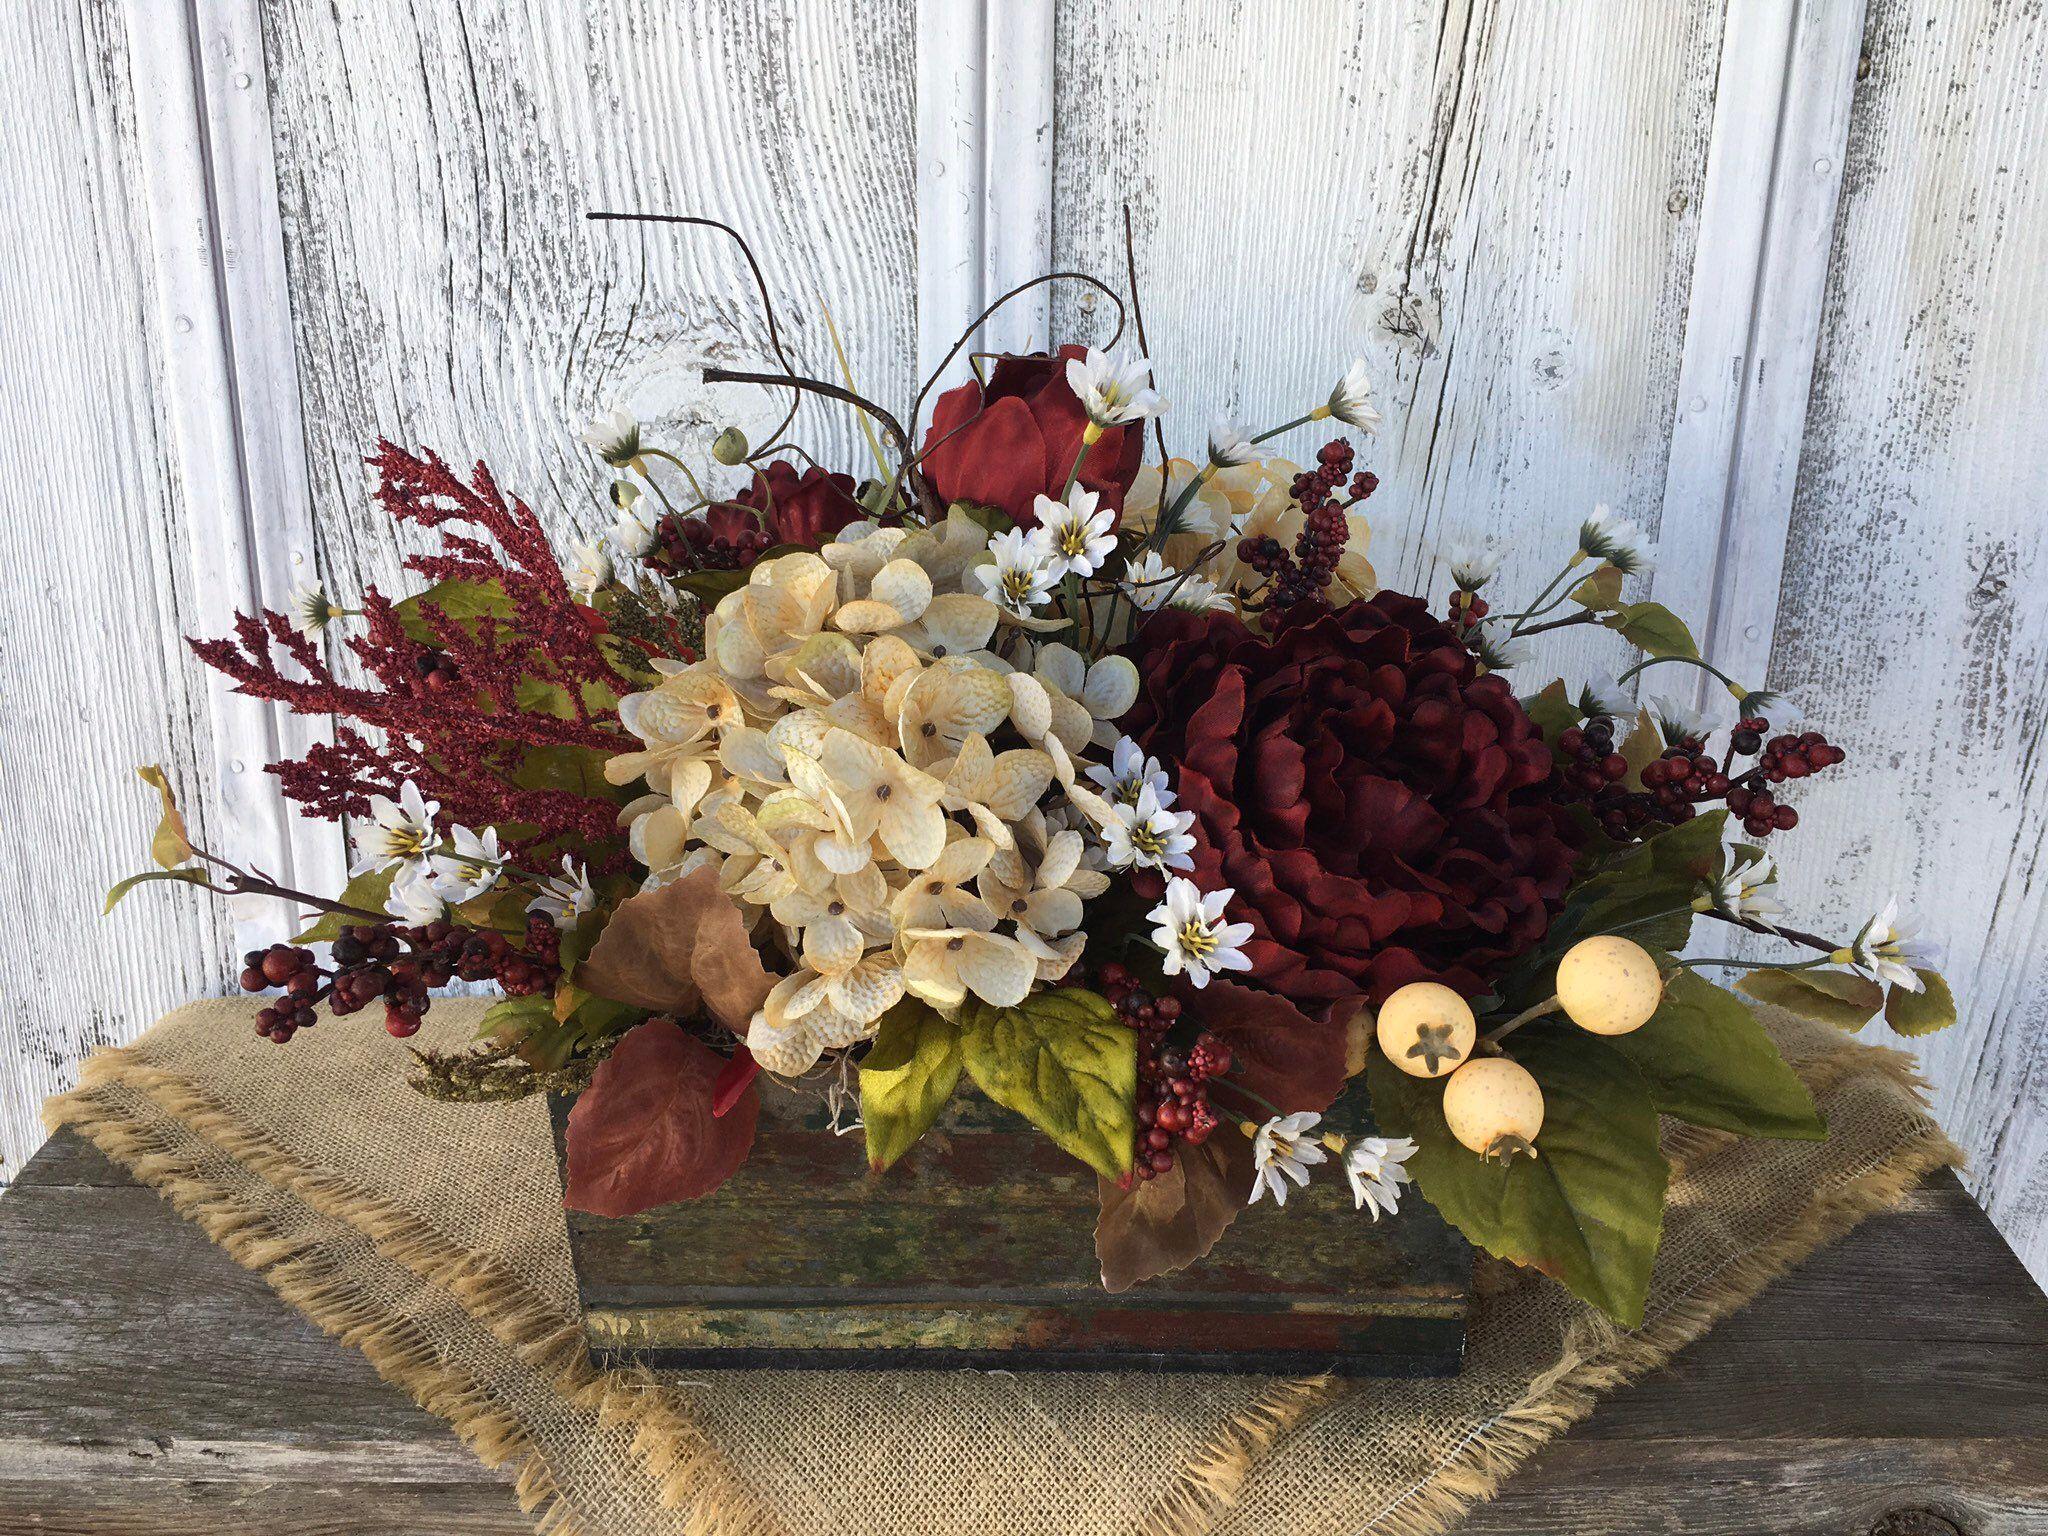 Farmhouse Hydrangeas Floral Arrangement White Wooden Floral Arrangements Floral Centerpieces Spring Floral Arrangements